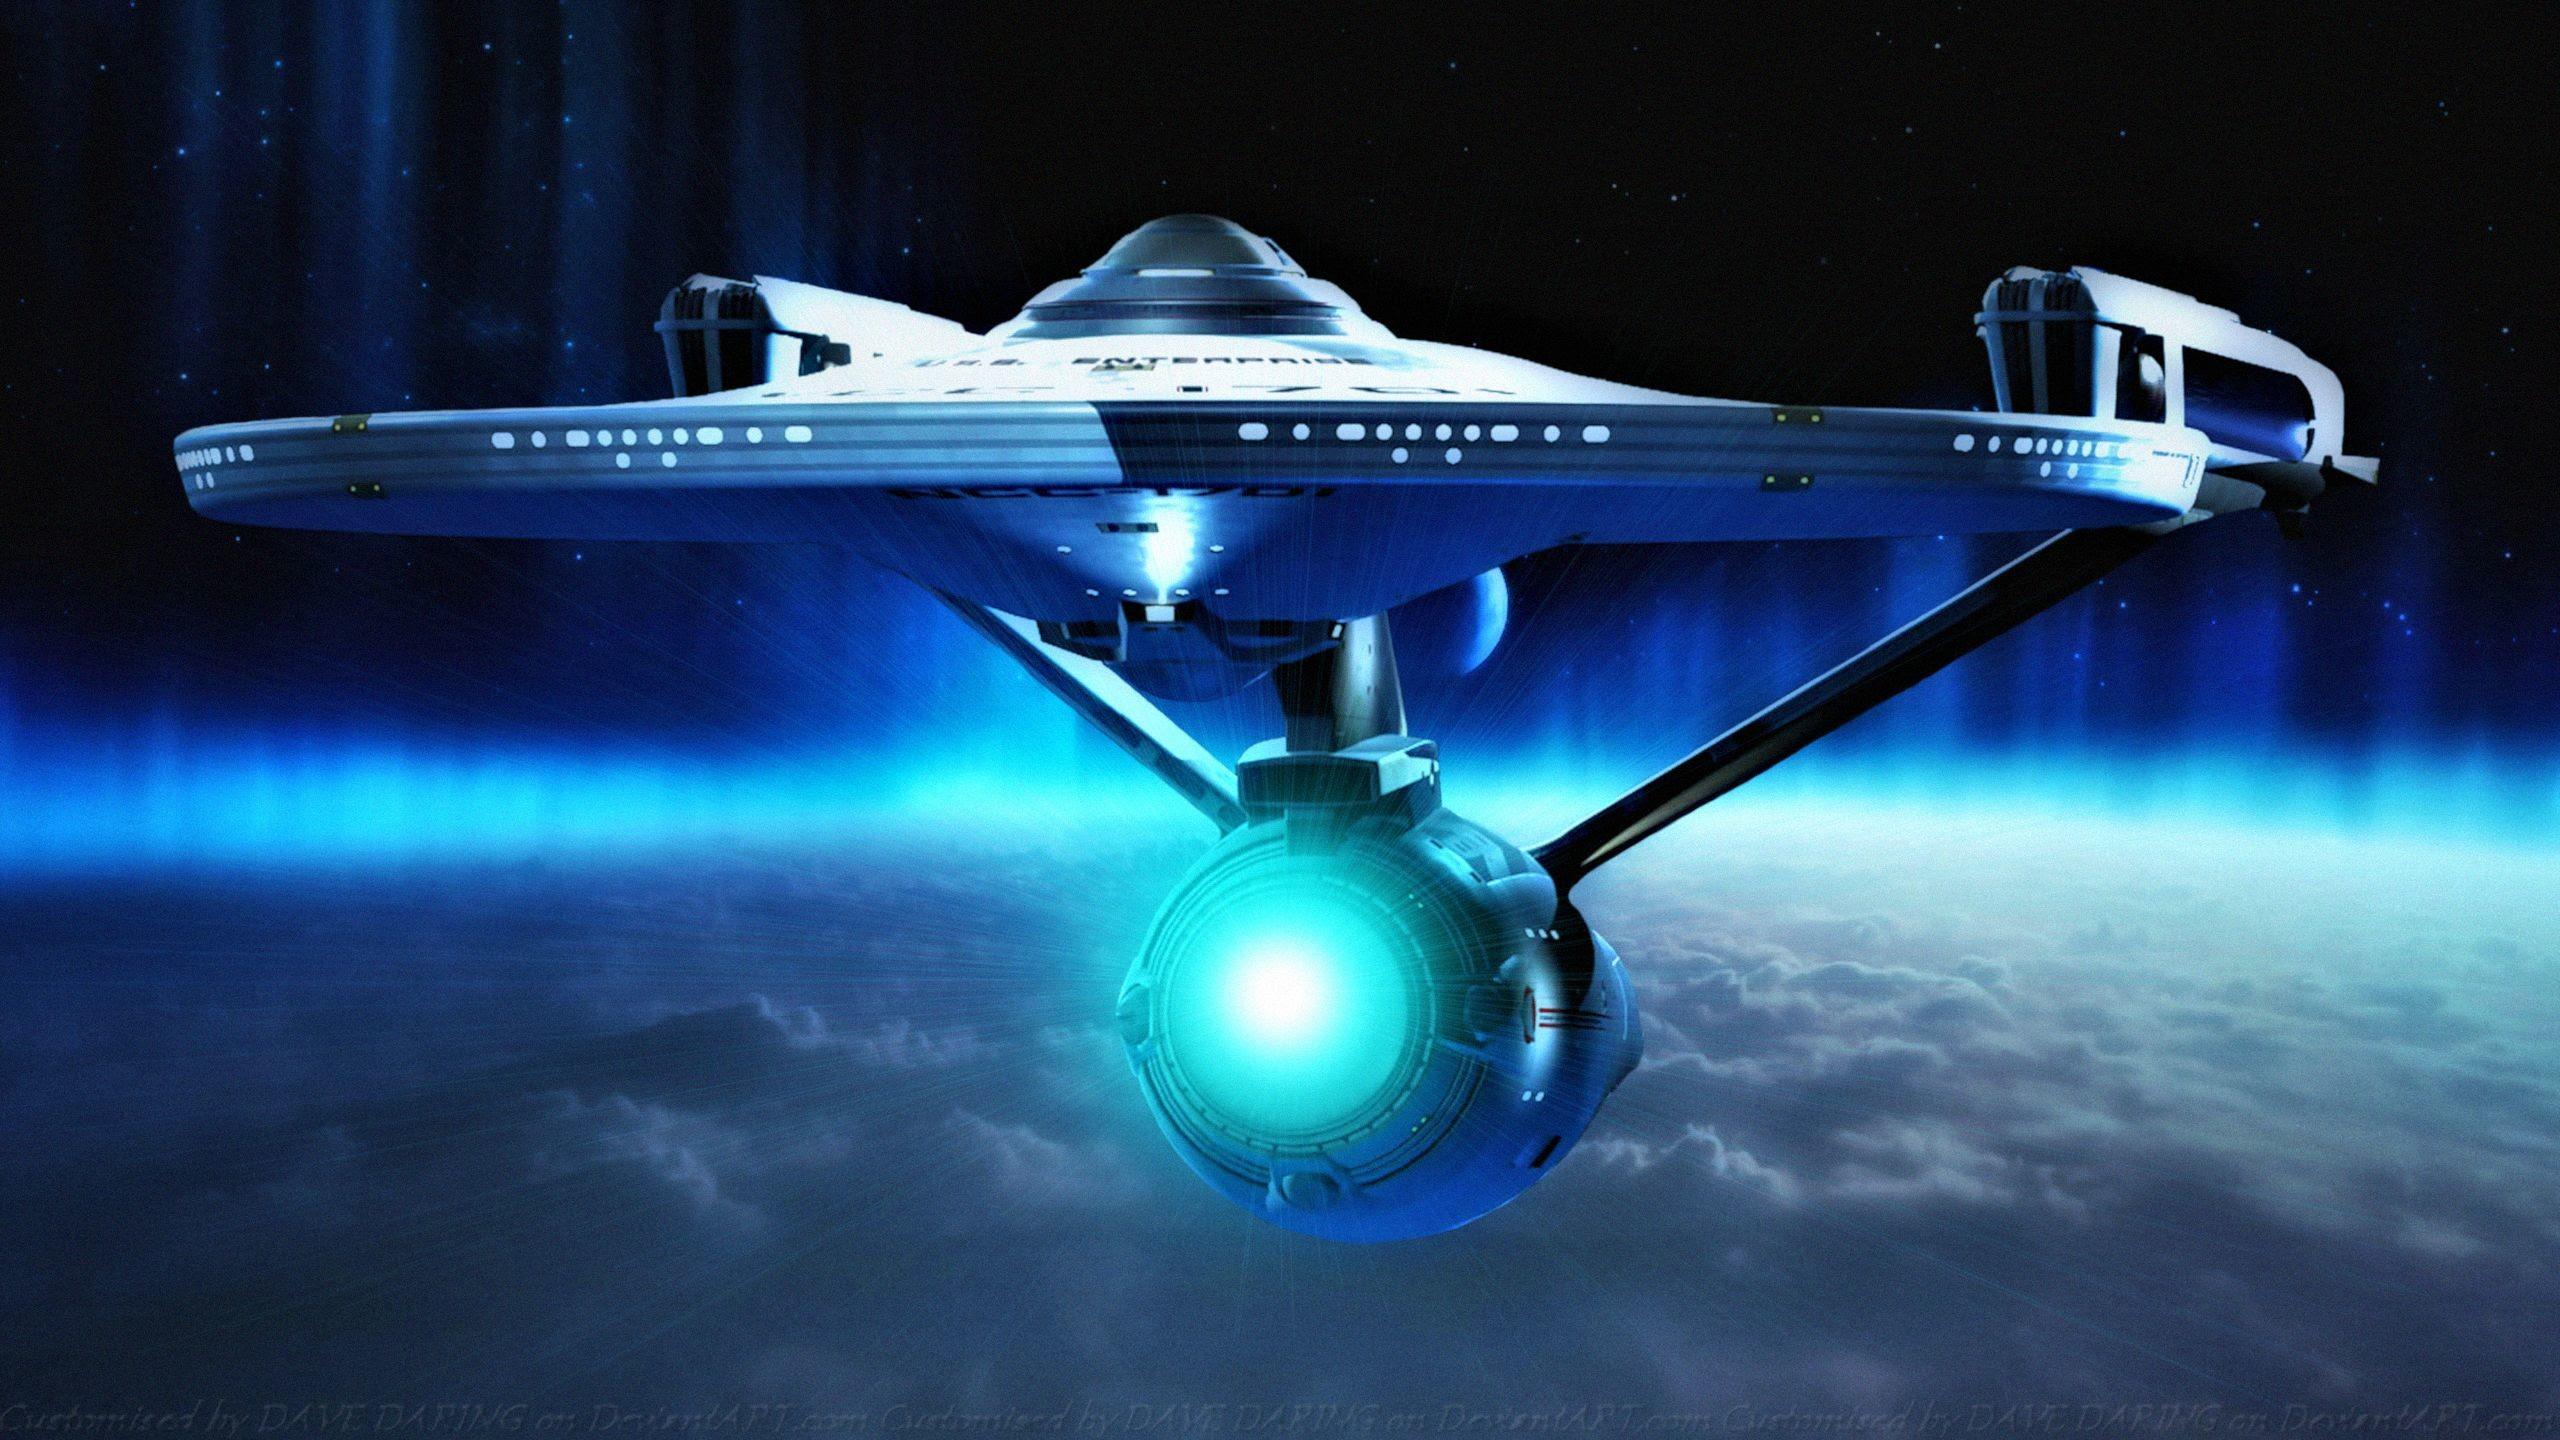 Starship Enterprise Wallpaper 64 Images